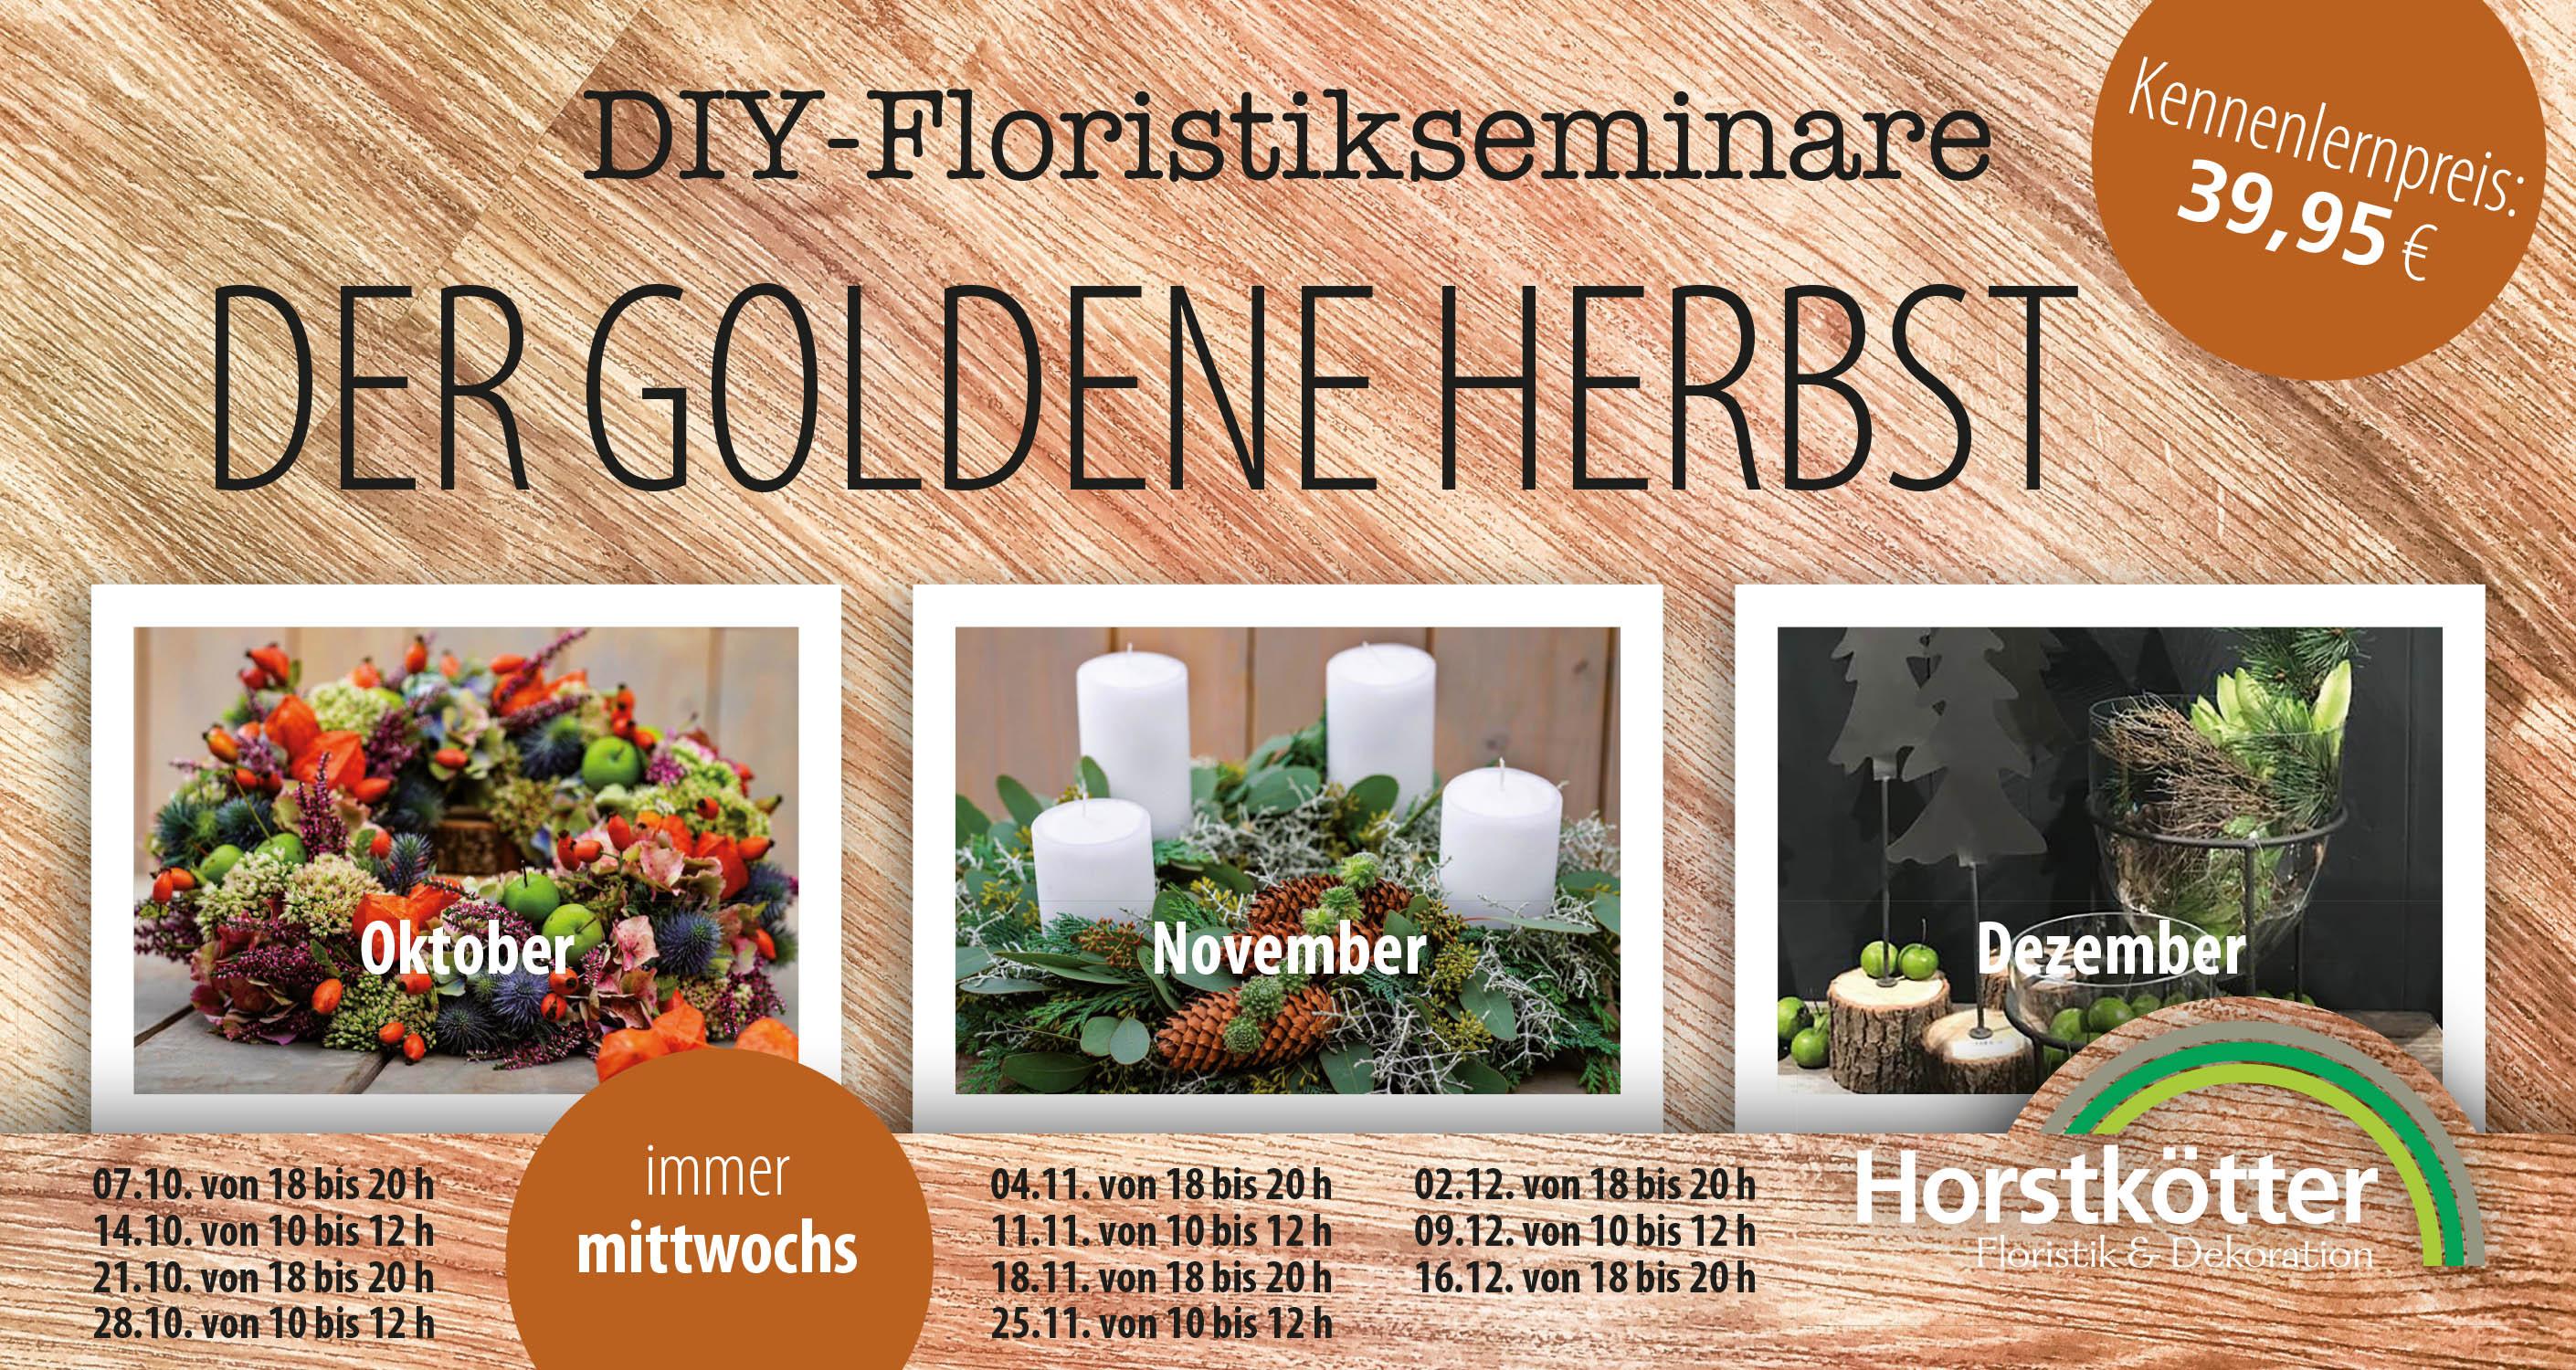 Horstkötter, Floristik und Dekoration in Beckum – Leistungen